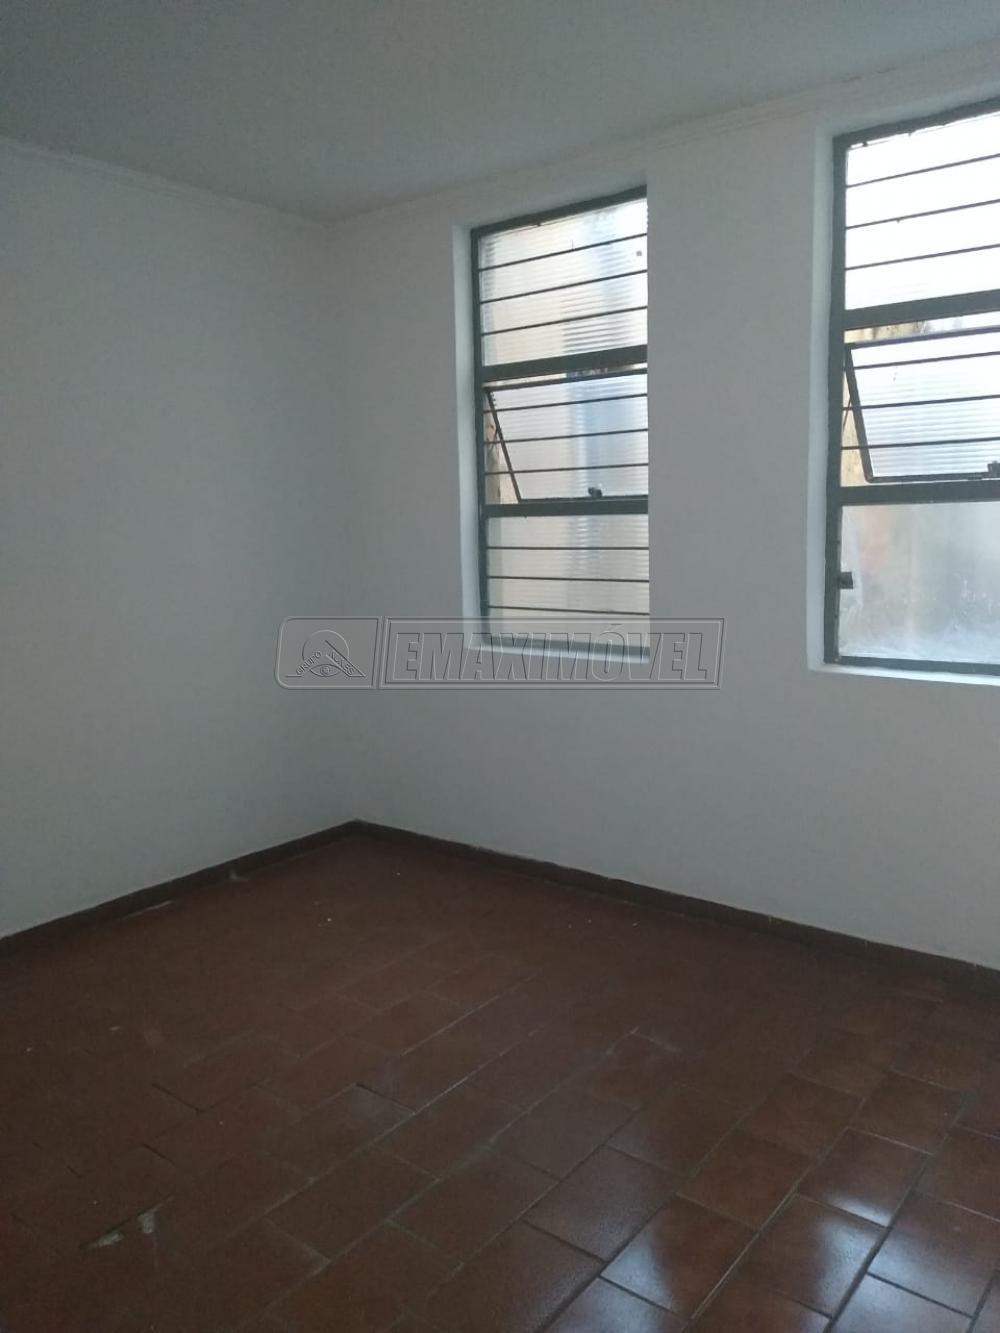 Alugar Casas / Comerciais em Sorocaba apenas R$ 1.000,00 - Foto 6